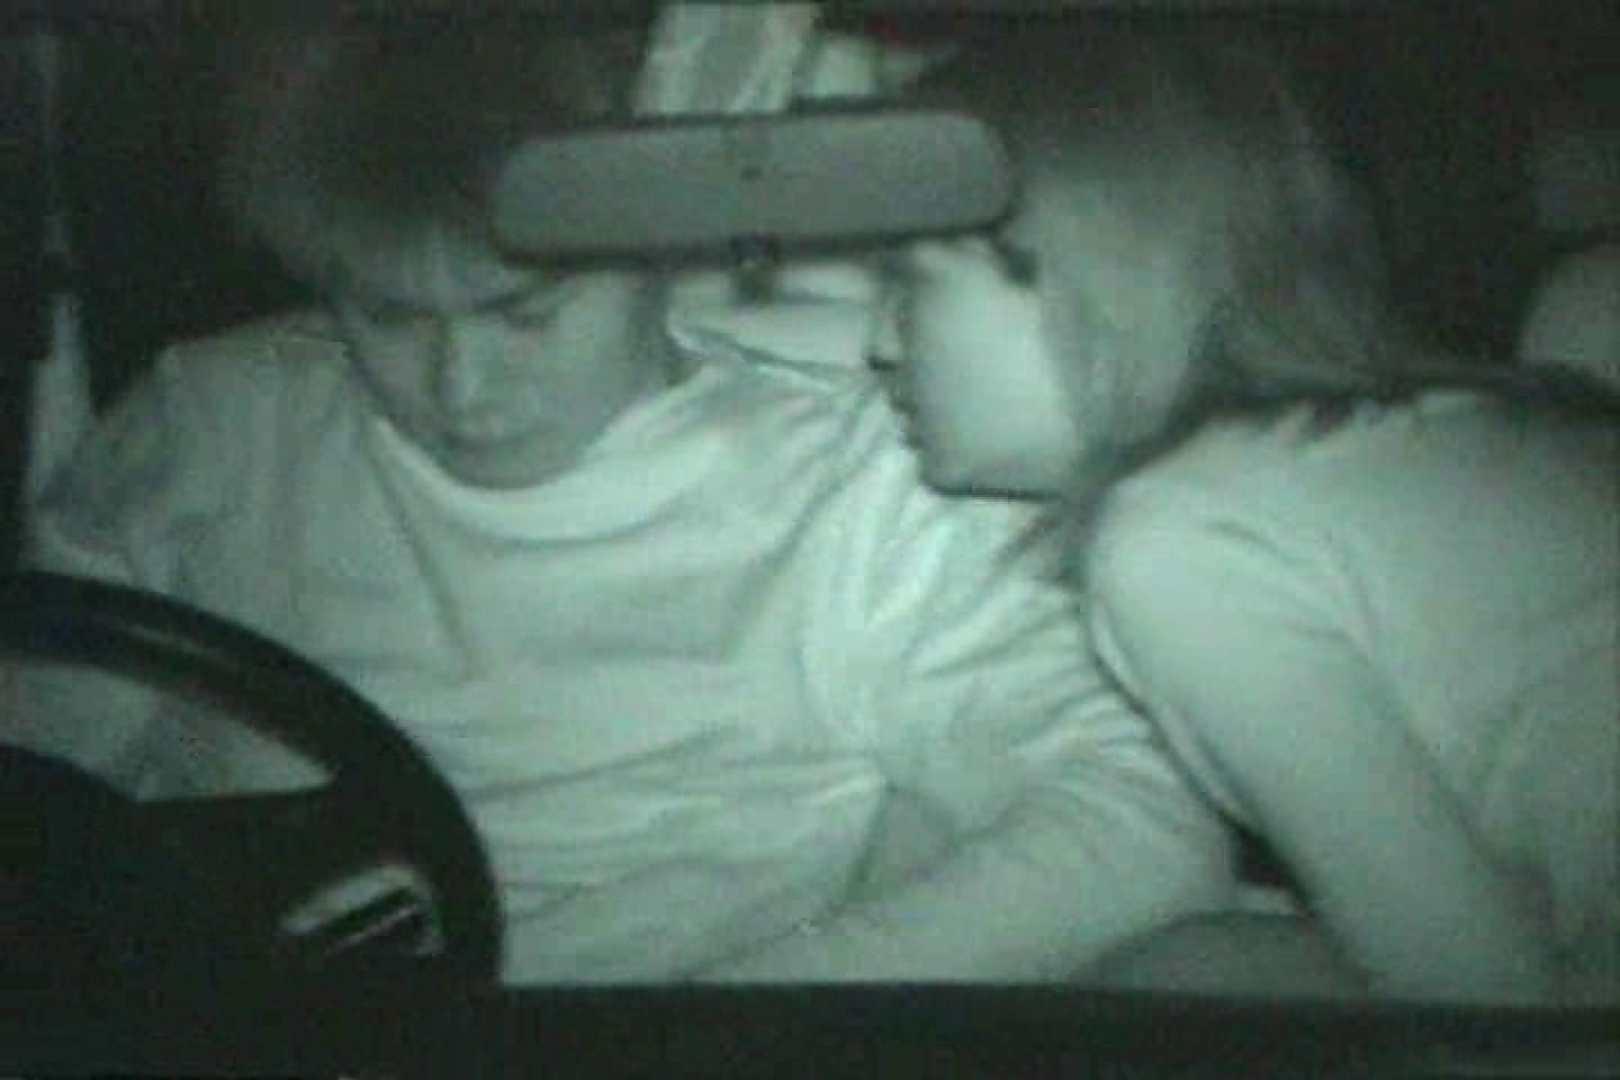 車の中はラブホテル 無修正版  Vol.27 盗撮特集 | 車の中のカップル  58画像 9